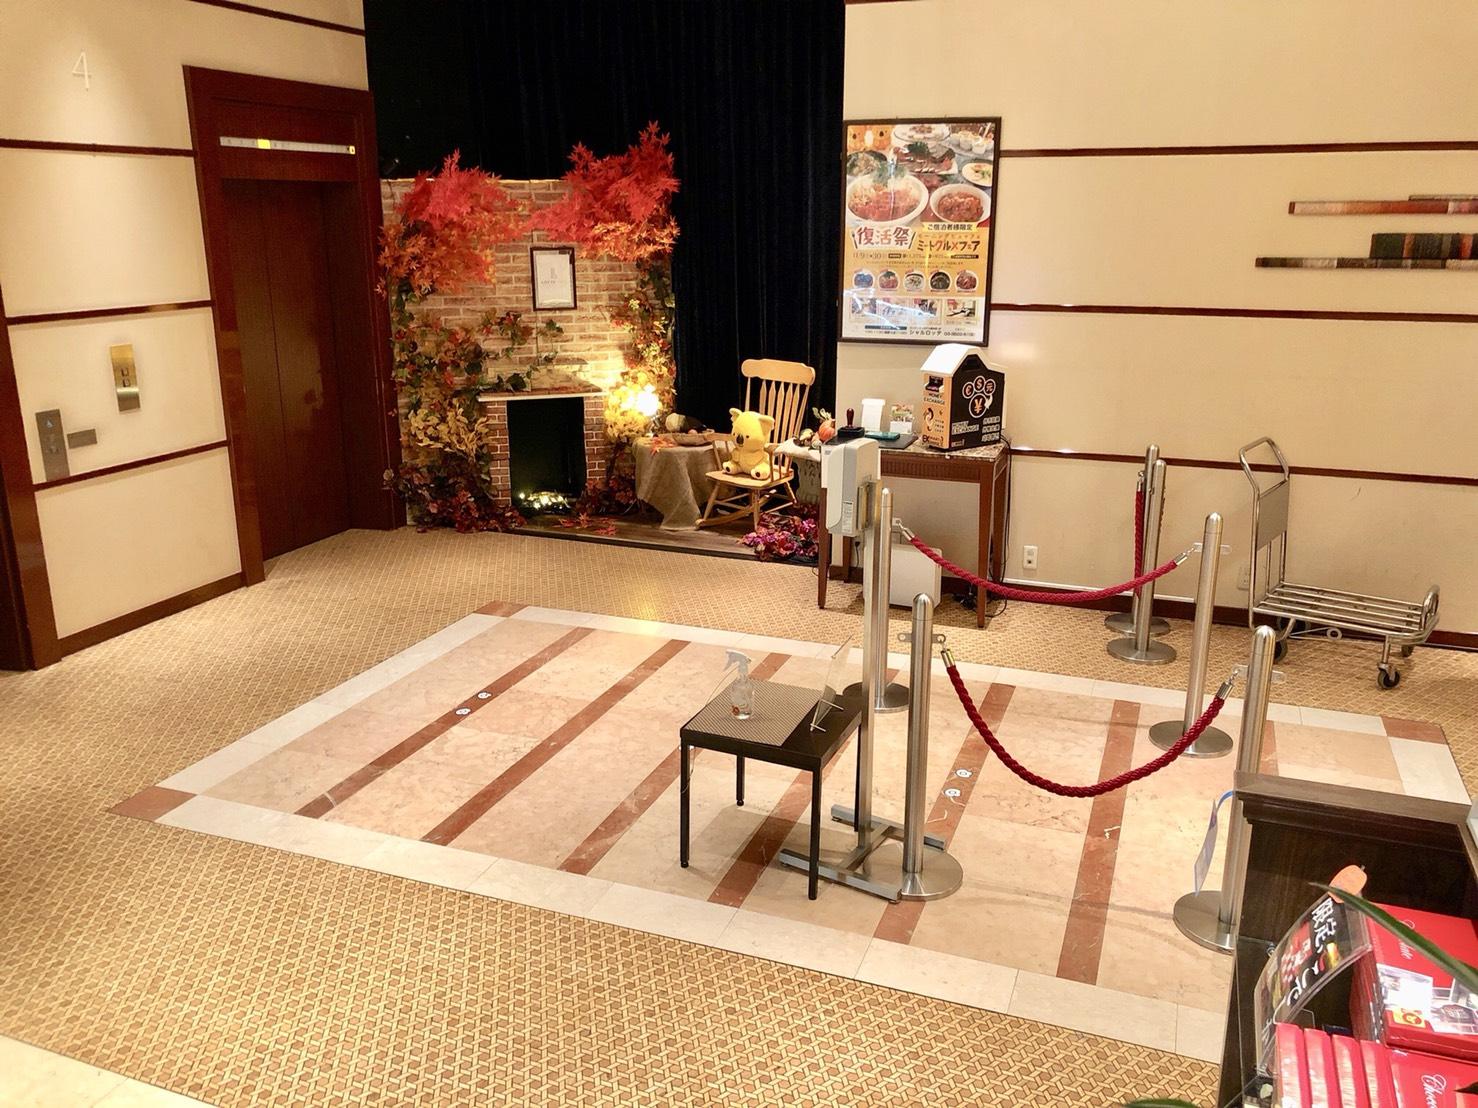 ロッテシティホテル錦糸町のフロント